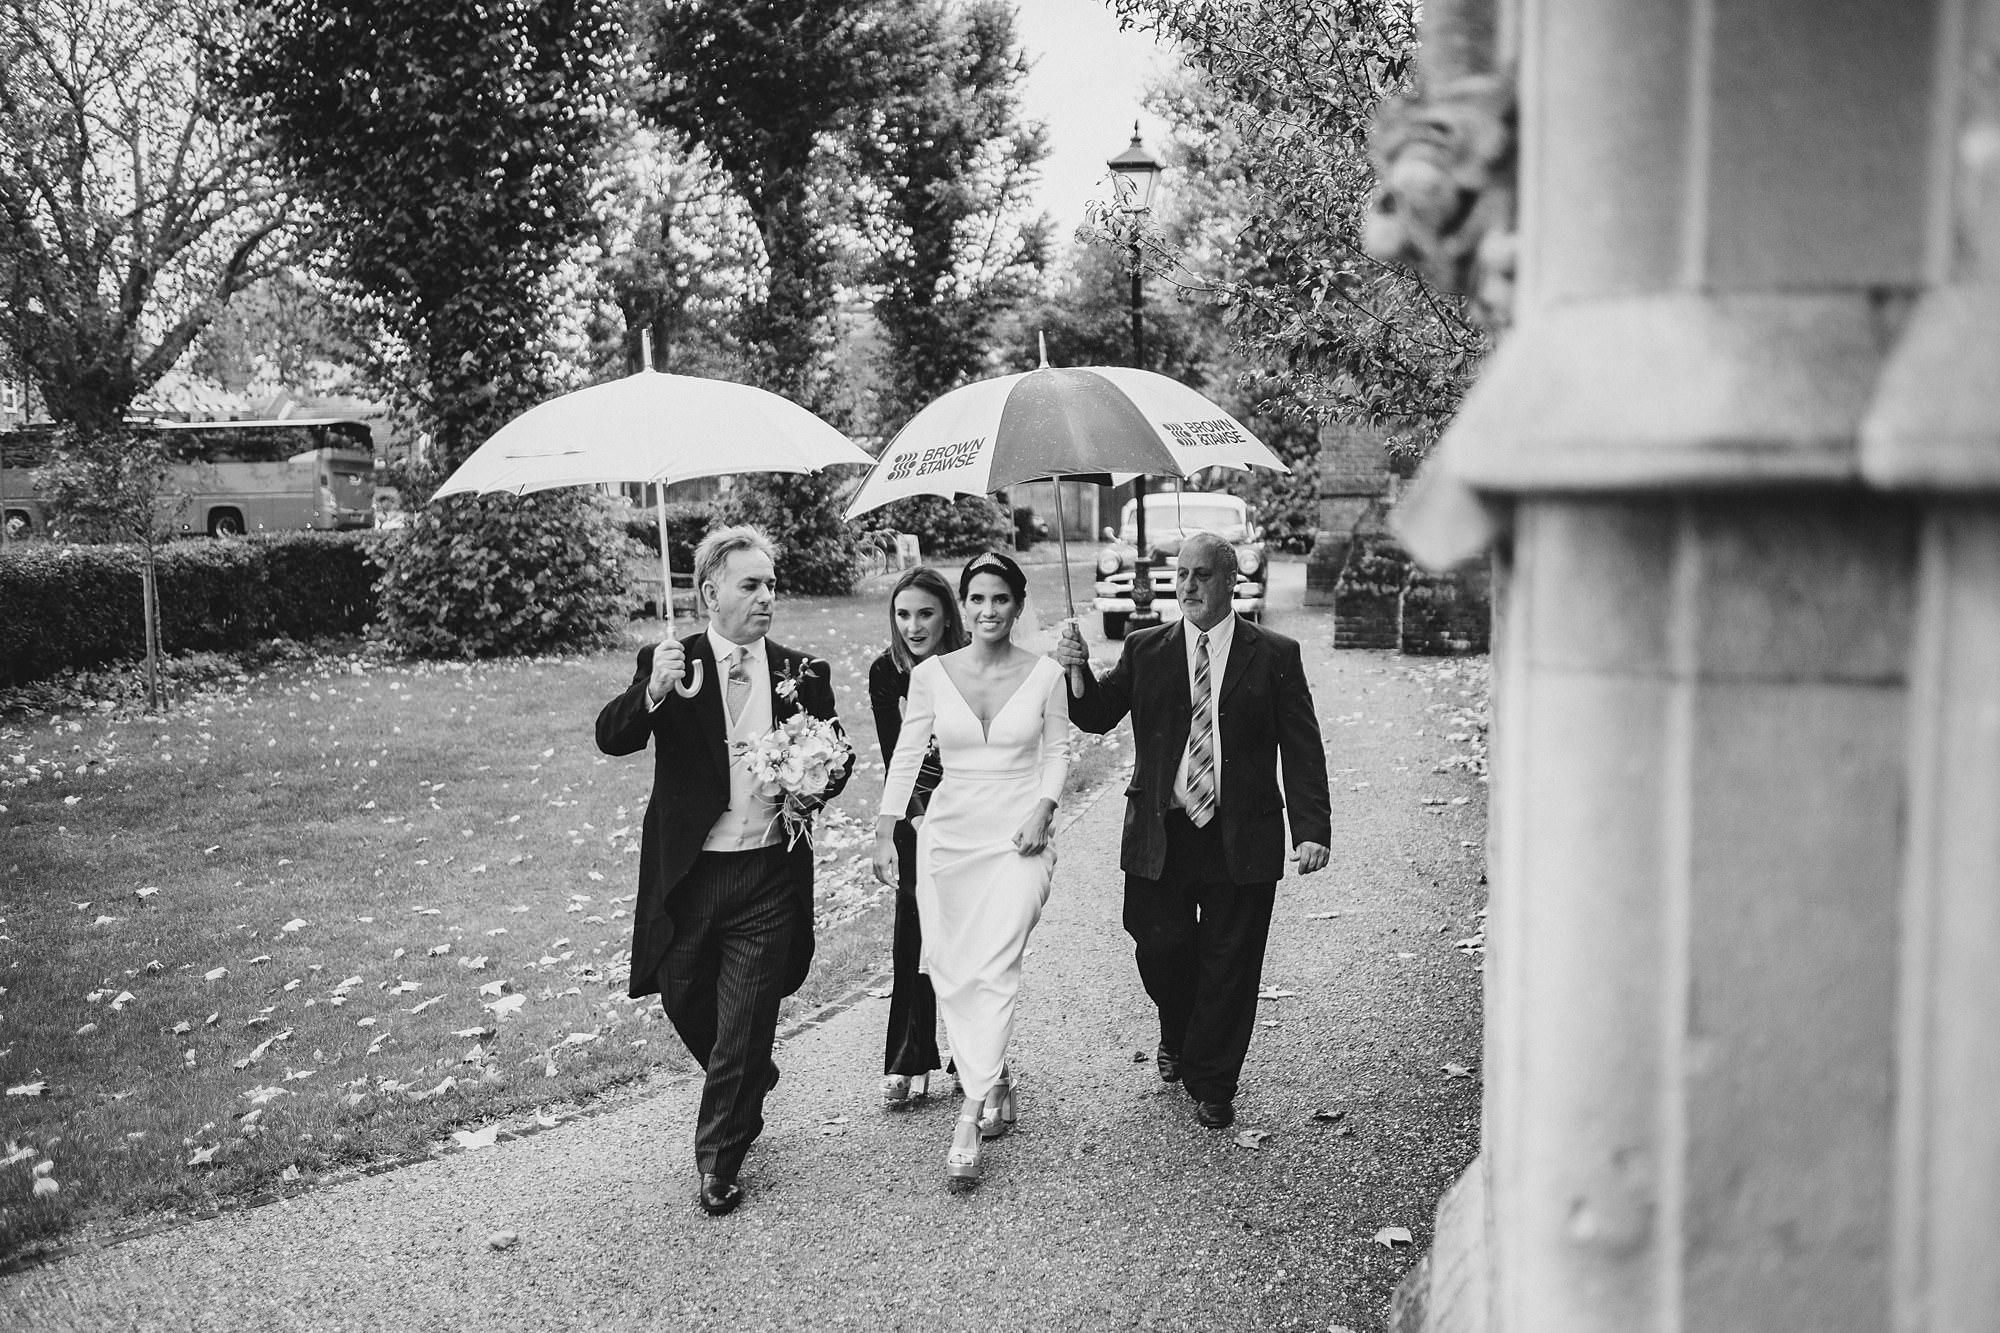 fulham palace wedding photographer ok 028 - Olivia + Kyle